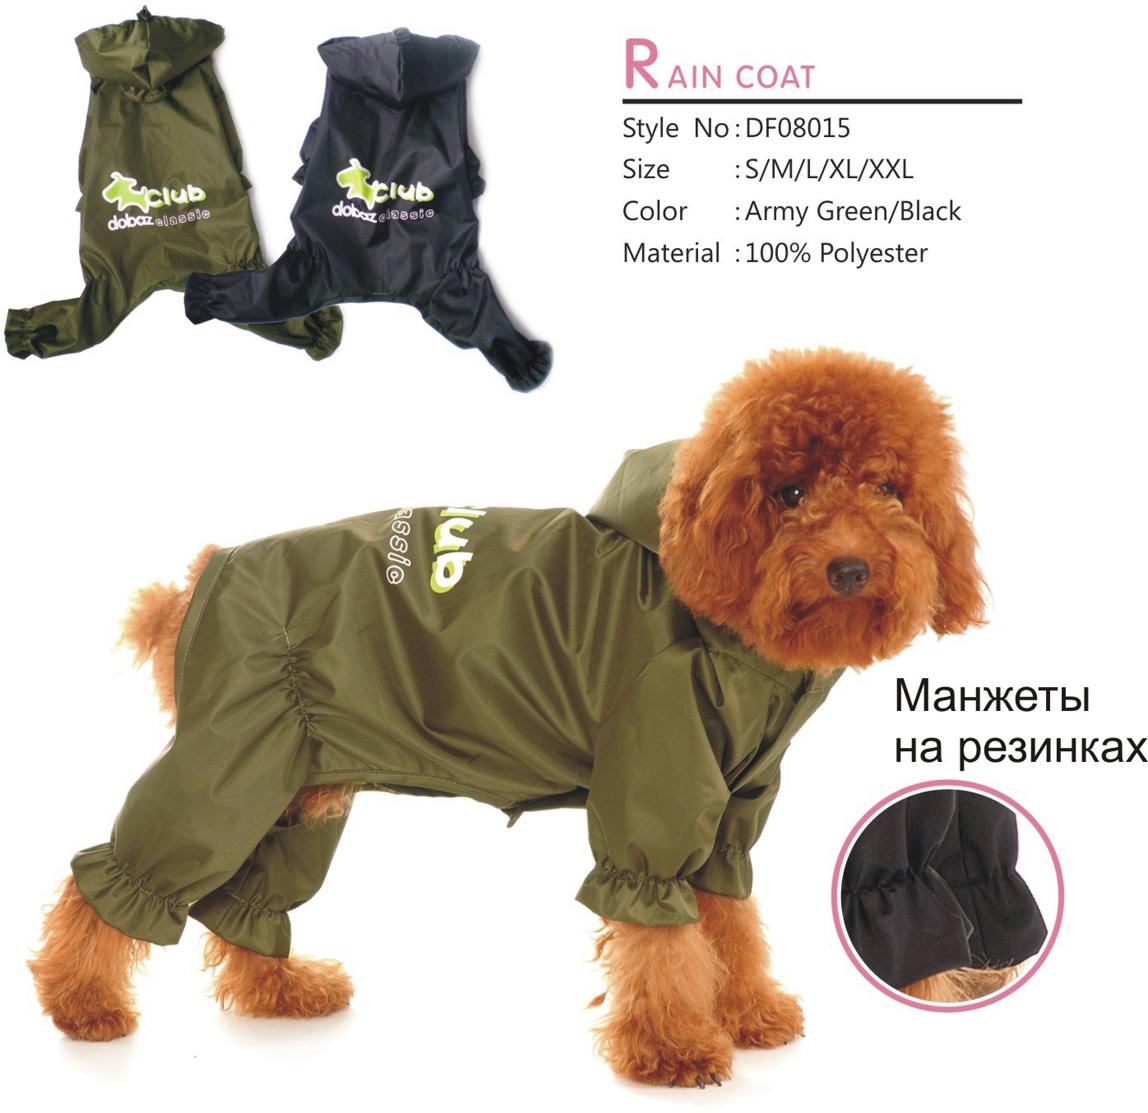 Комбинезон для собак Dobaz, цвет: черный. ДФ08015А5ХЛ. Размер 5XLДФ08015А5ХЛКомбинезон для собак Dobaz выполнен из болоневого материала.Обхват шеи: 51 см.Обхват груди: 79 см.Длина спинки: 56 см.Одежда для собак: нужна ли она и как её выбрать. Статья OZON Гид